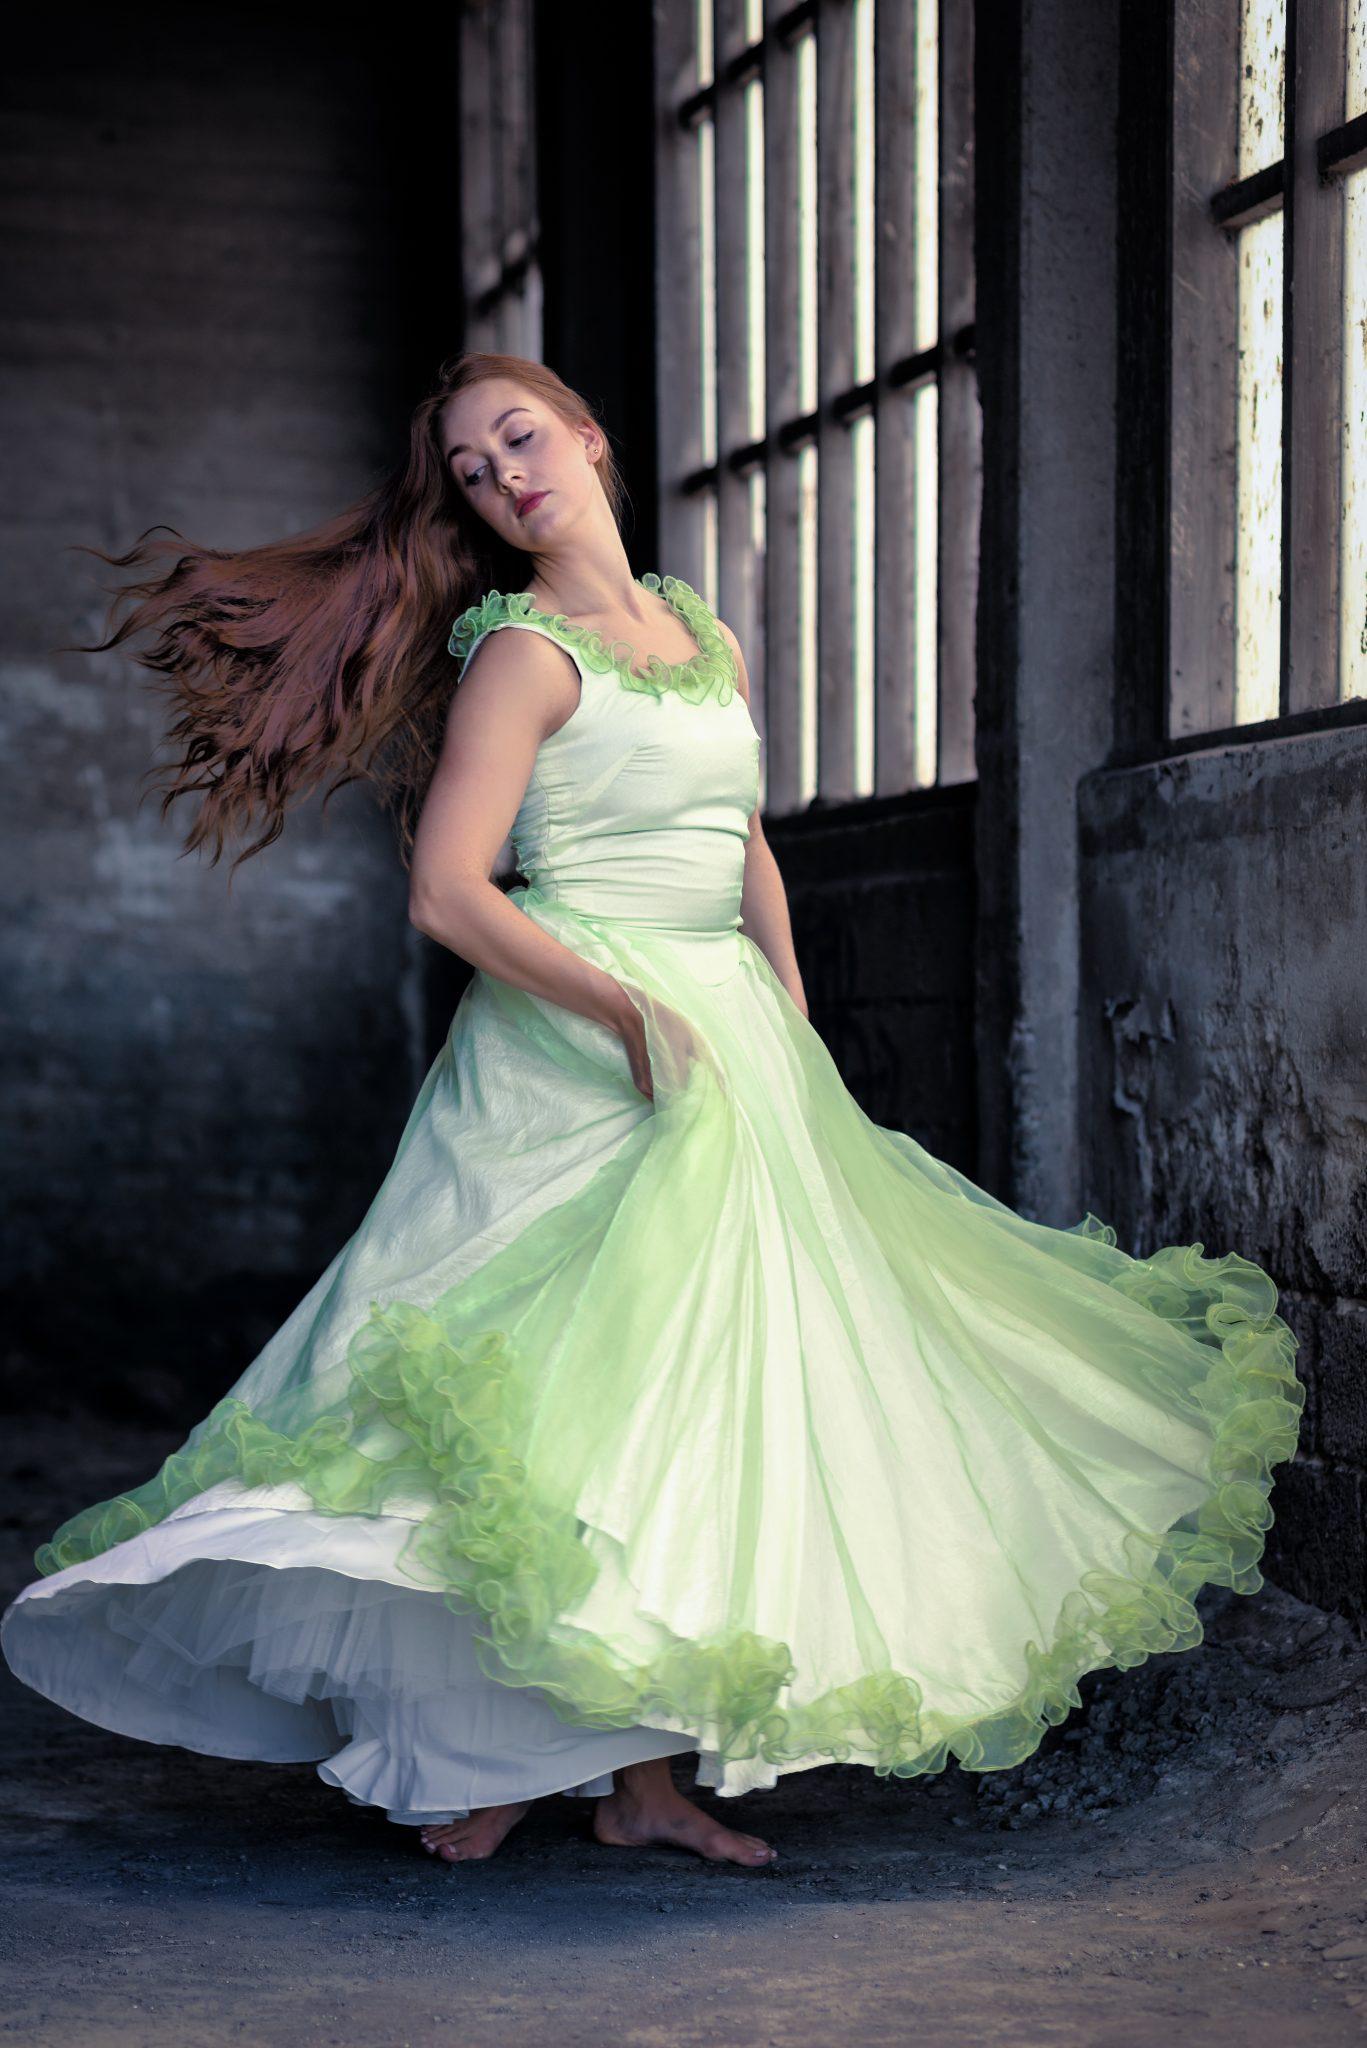 Model: Kathrine Reumert